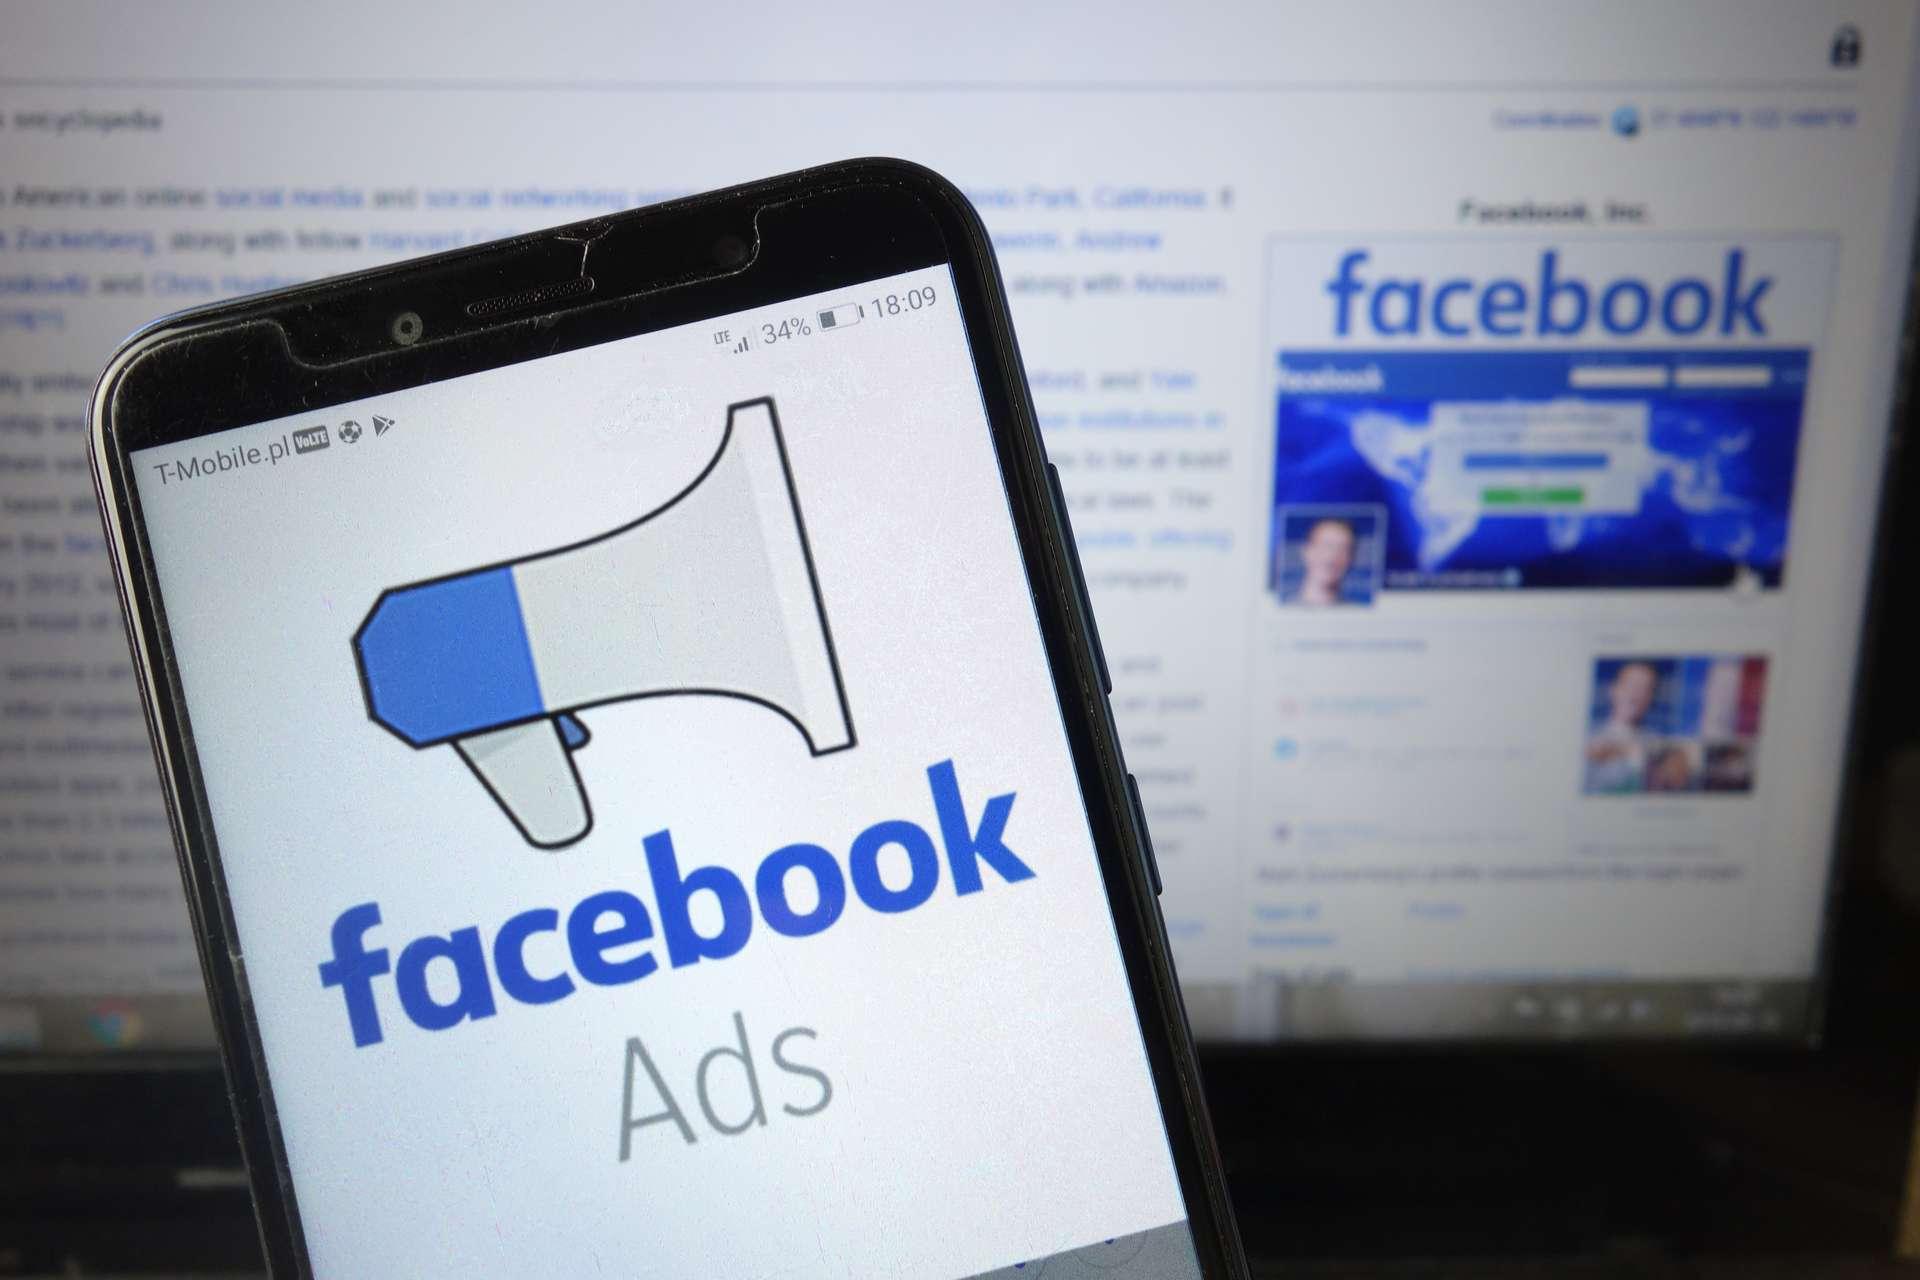 Profitez d'une réduction exceptionnel sur la formation à Facebook Ads © Piter2121, Adobe Stock